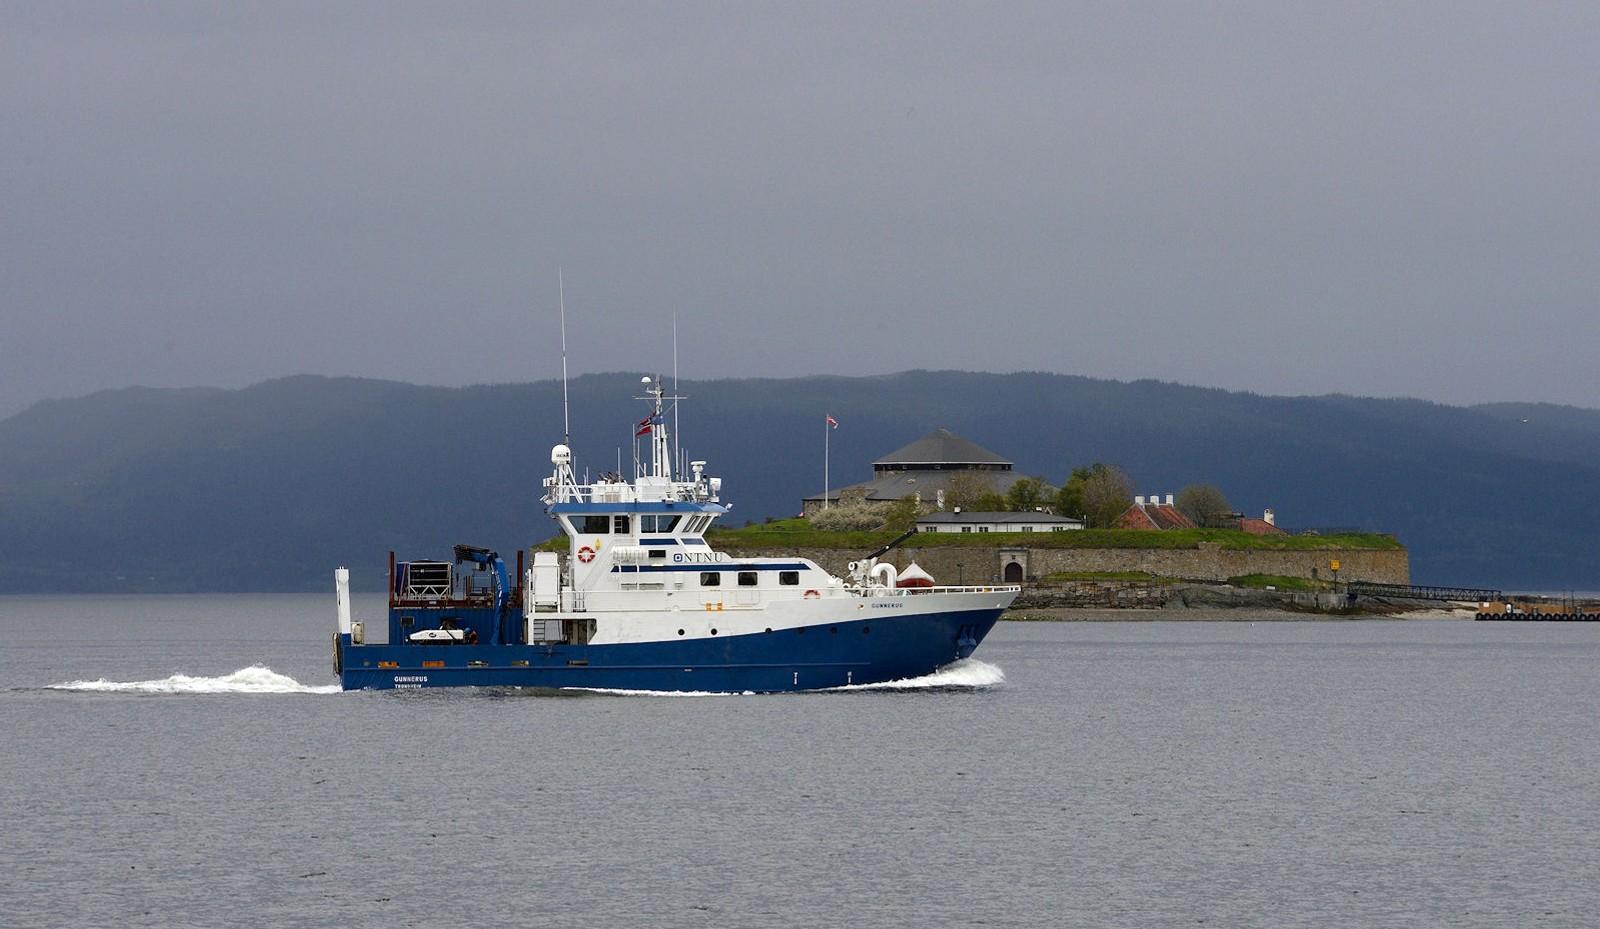 Forskningsfartøyet Gunnerus ved Munkholmen